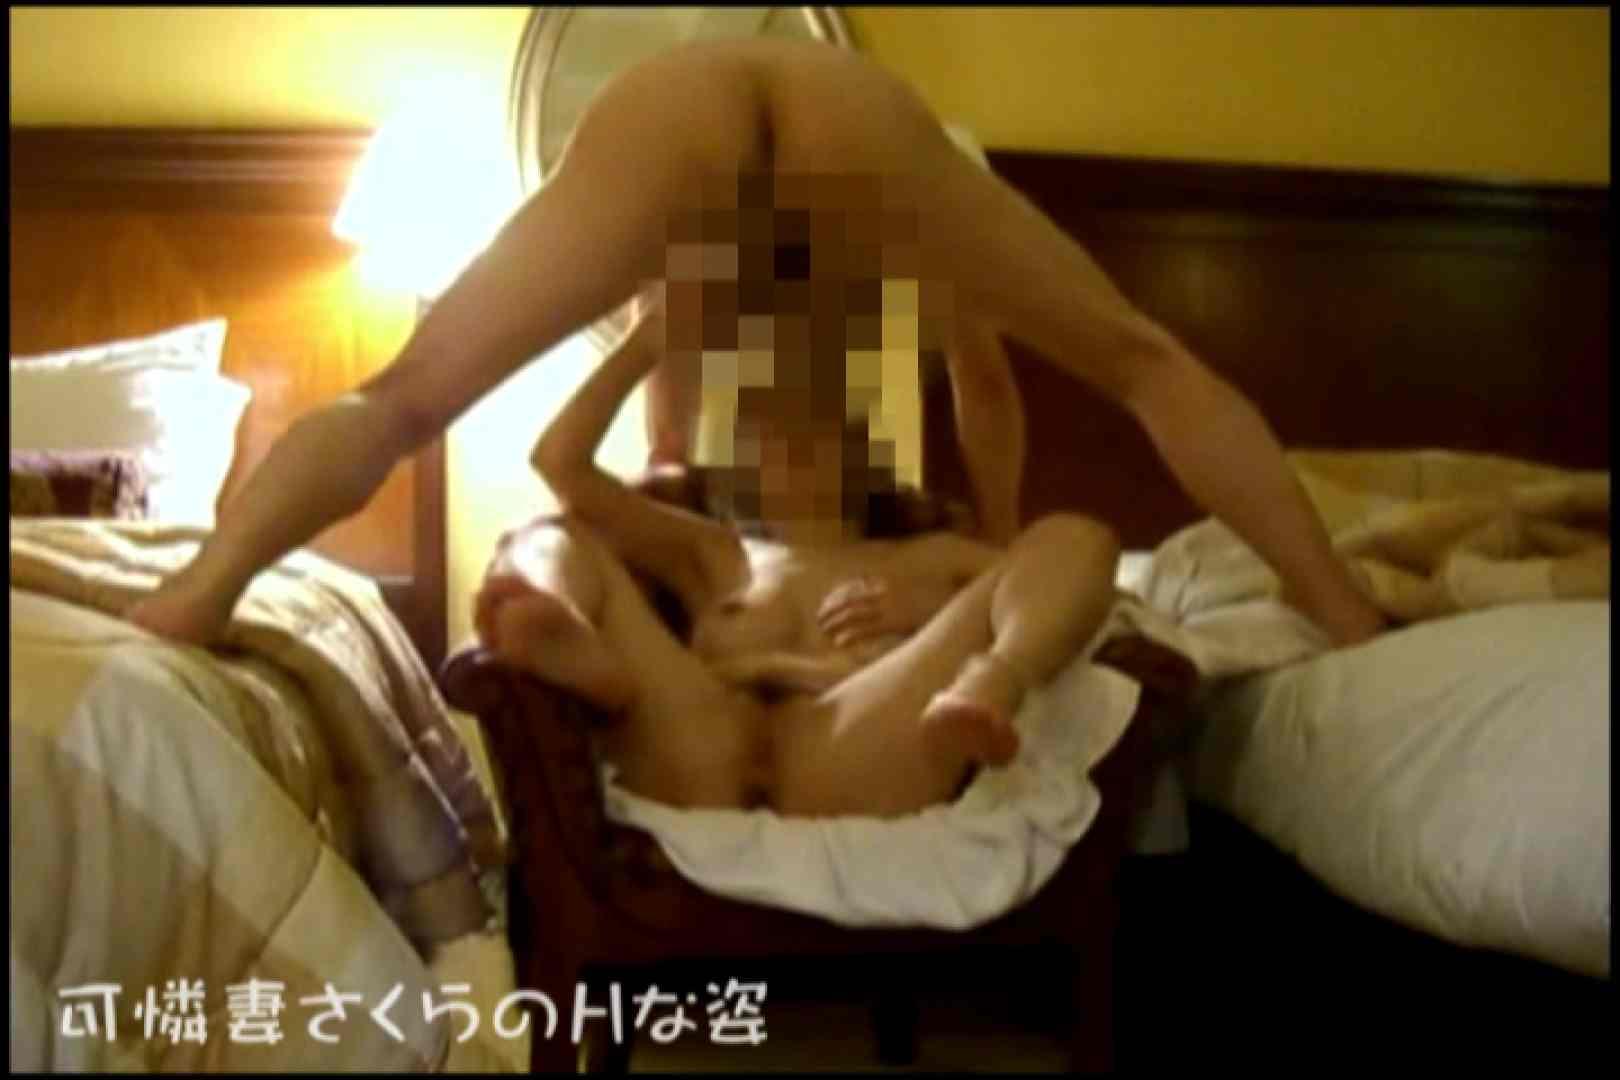 可憐妻さくらのHな姿vol.7 熟女の裸体 | OL裸体  99画像 43